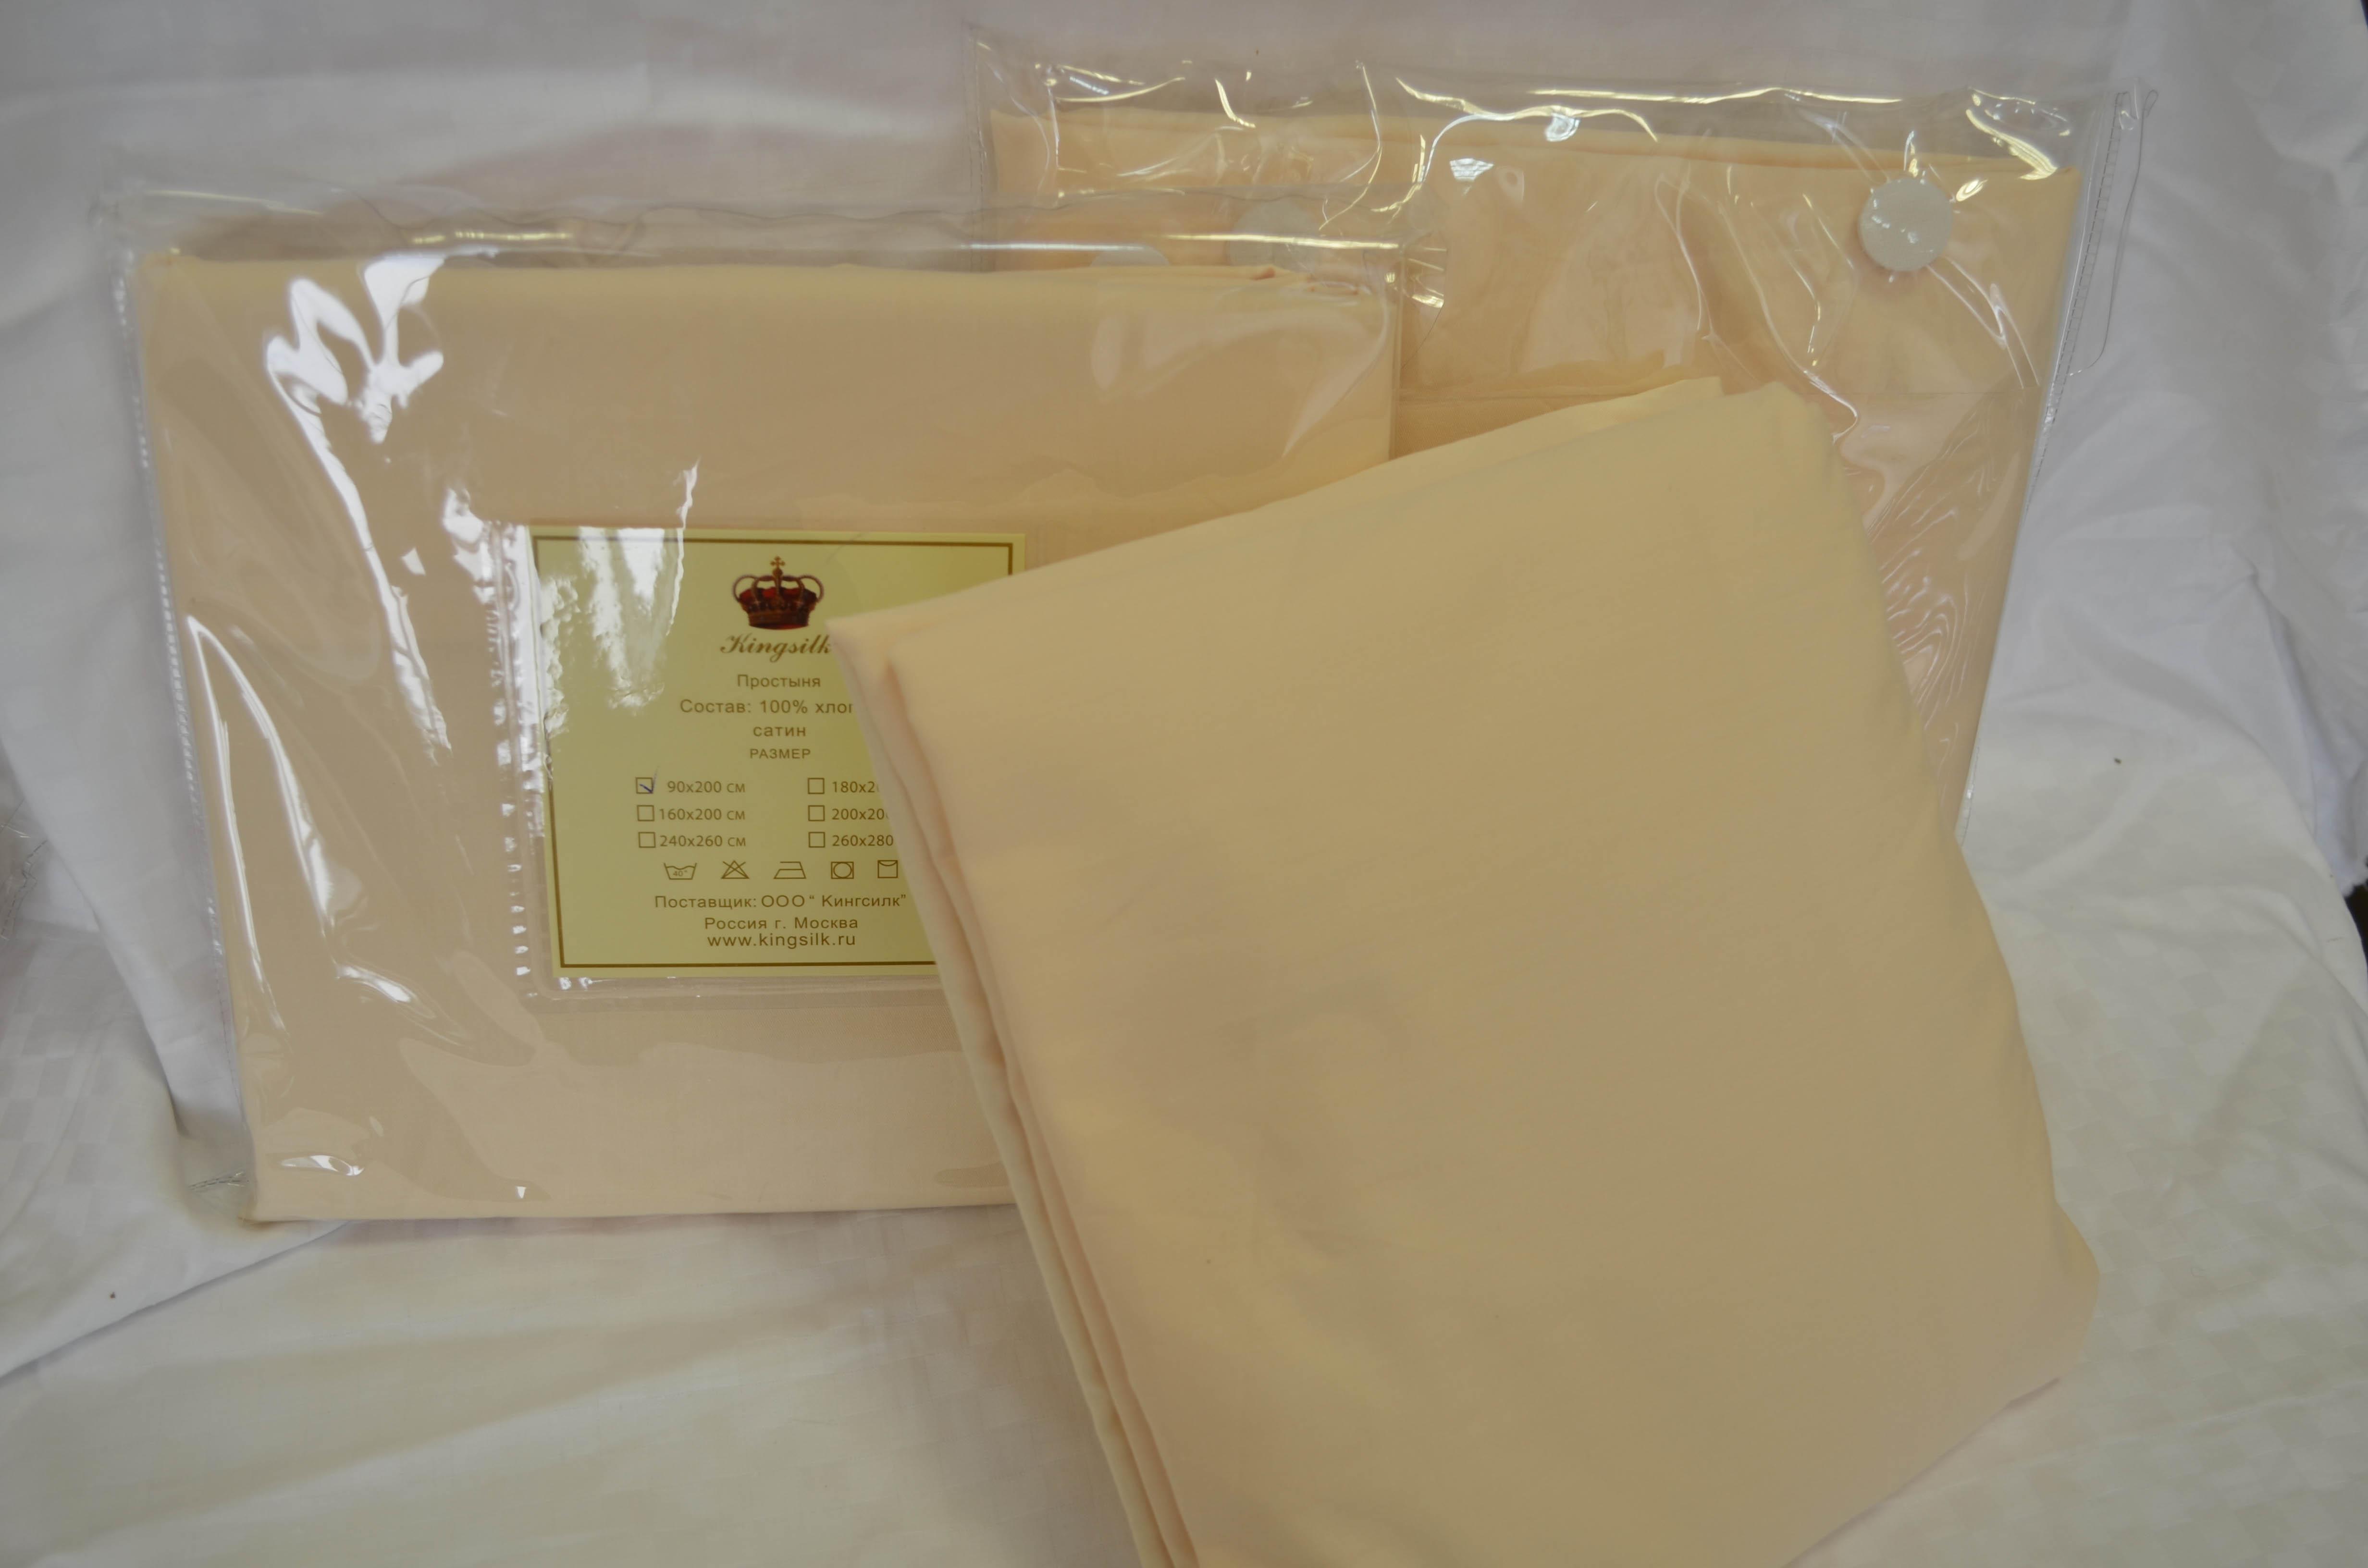 Купить Простыни KingSilk, Простыня на резинке Nic Цвет: Кремовый (200х200), Китай, Хлопковый сатин